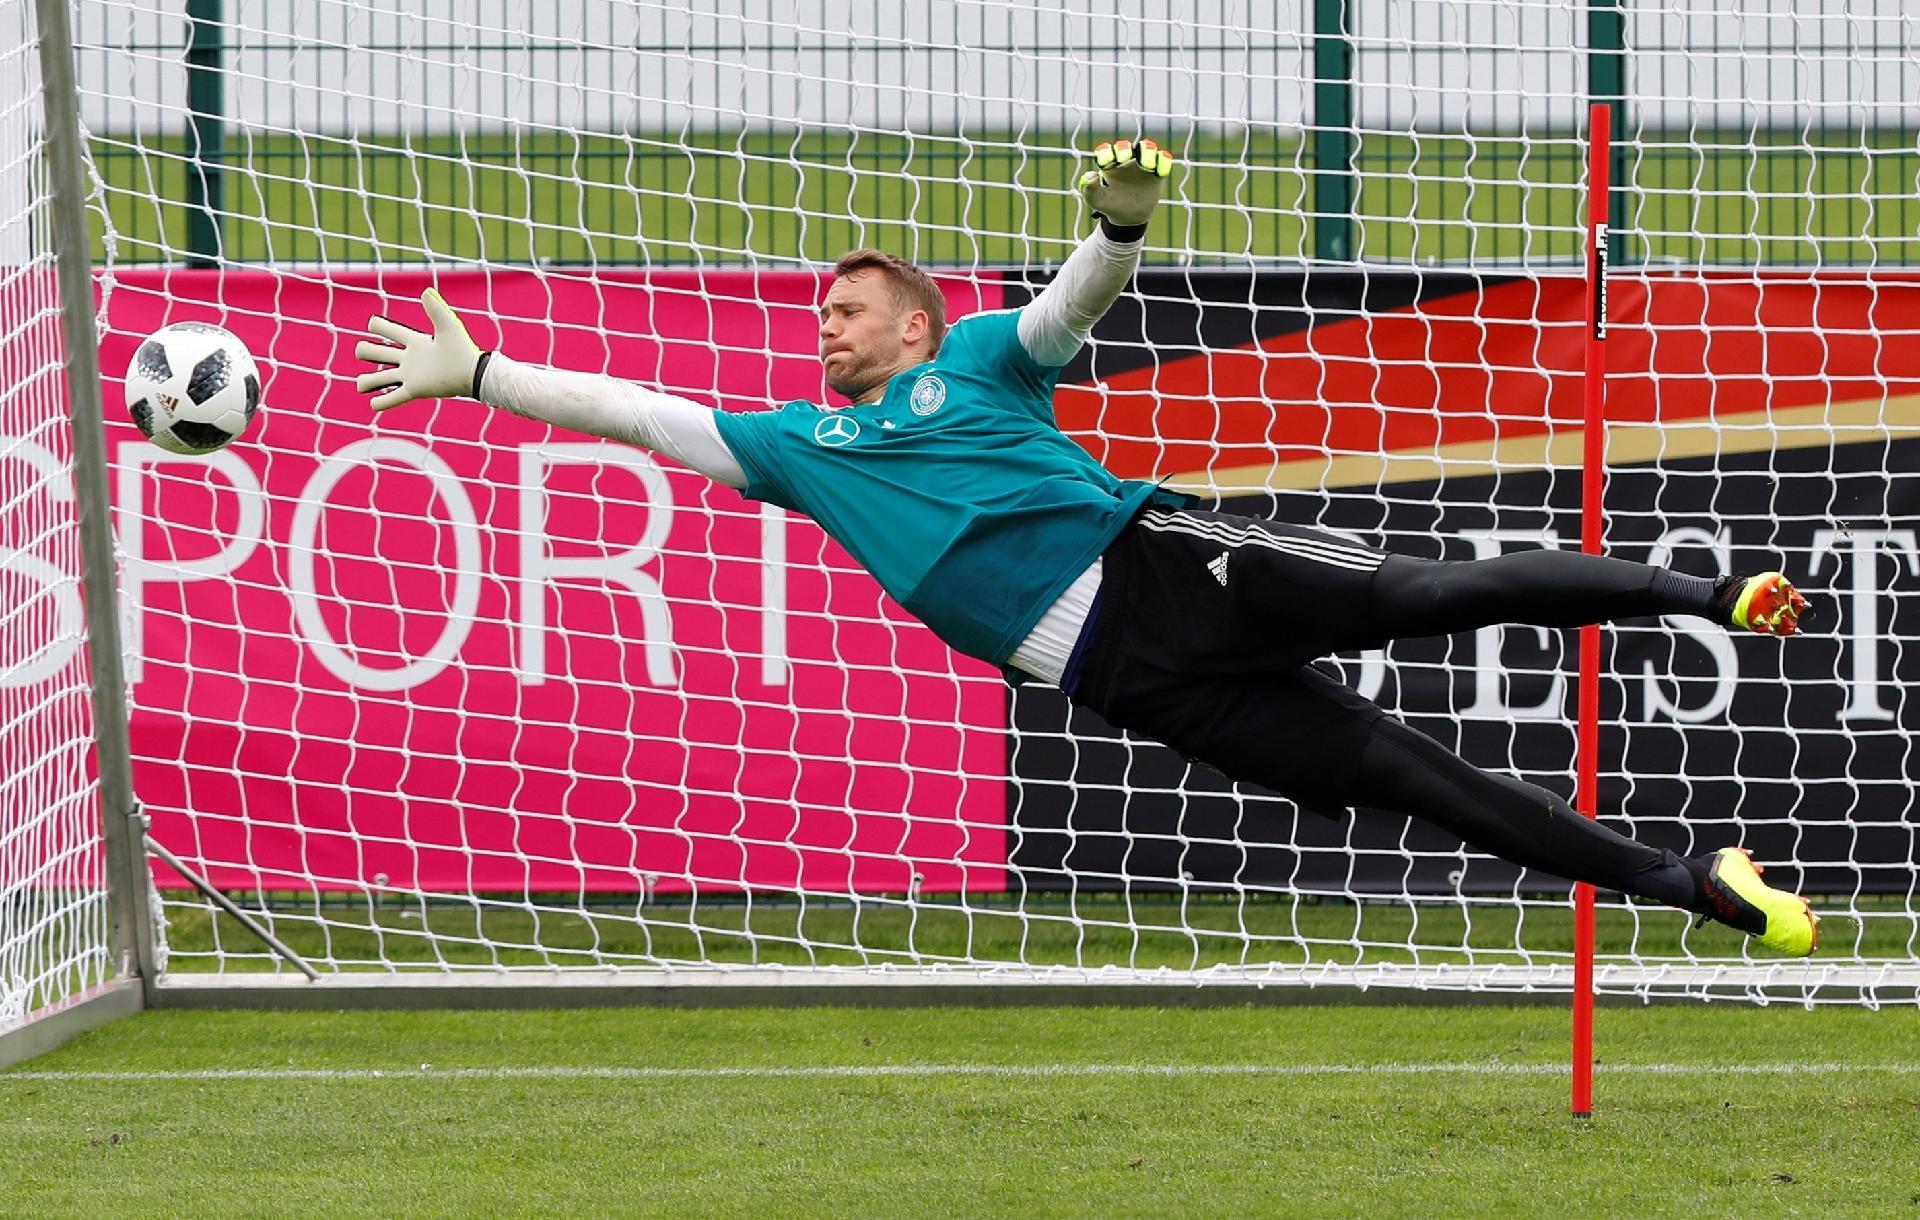 Convocação da Alemanha  Veja a lista de convocados da seleção - UOL Copa do  Mundo 2018 dfa0789555355